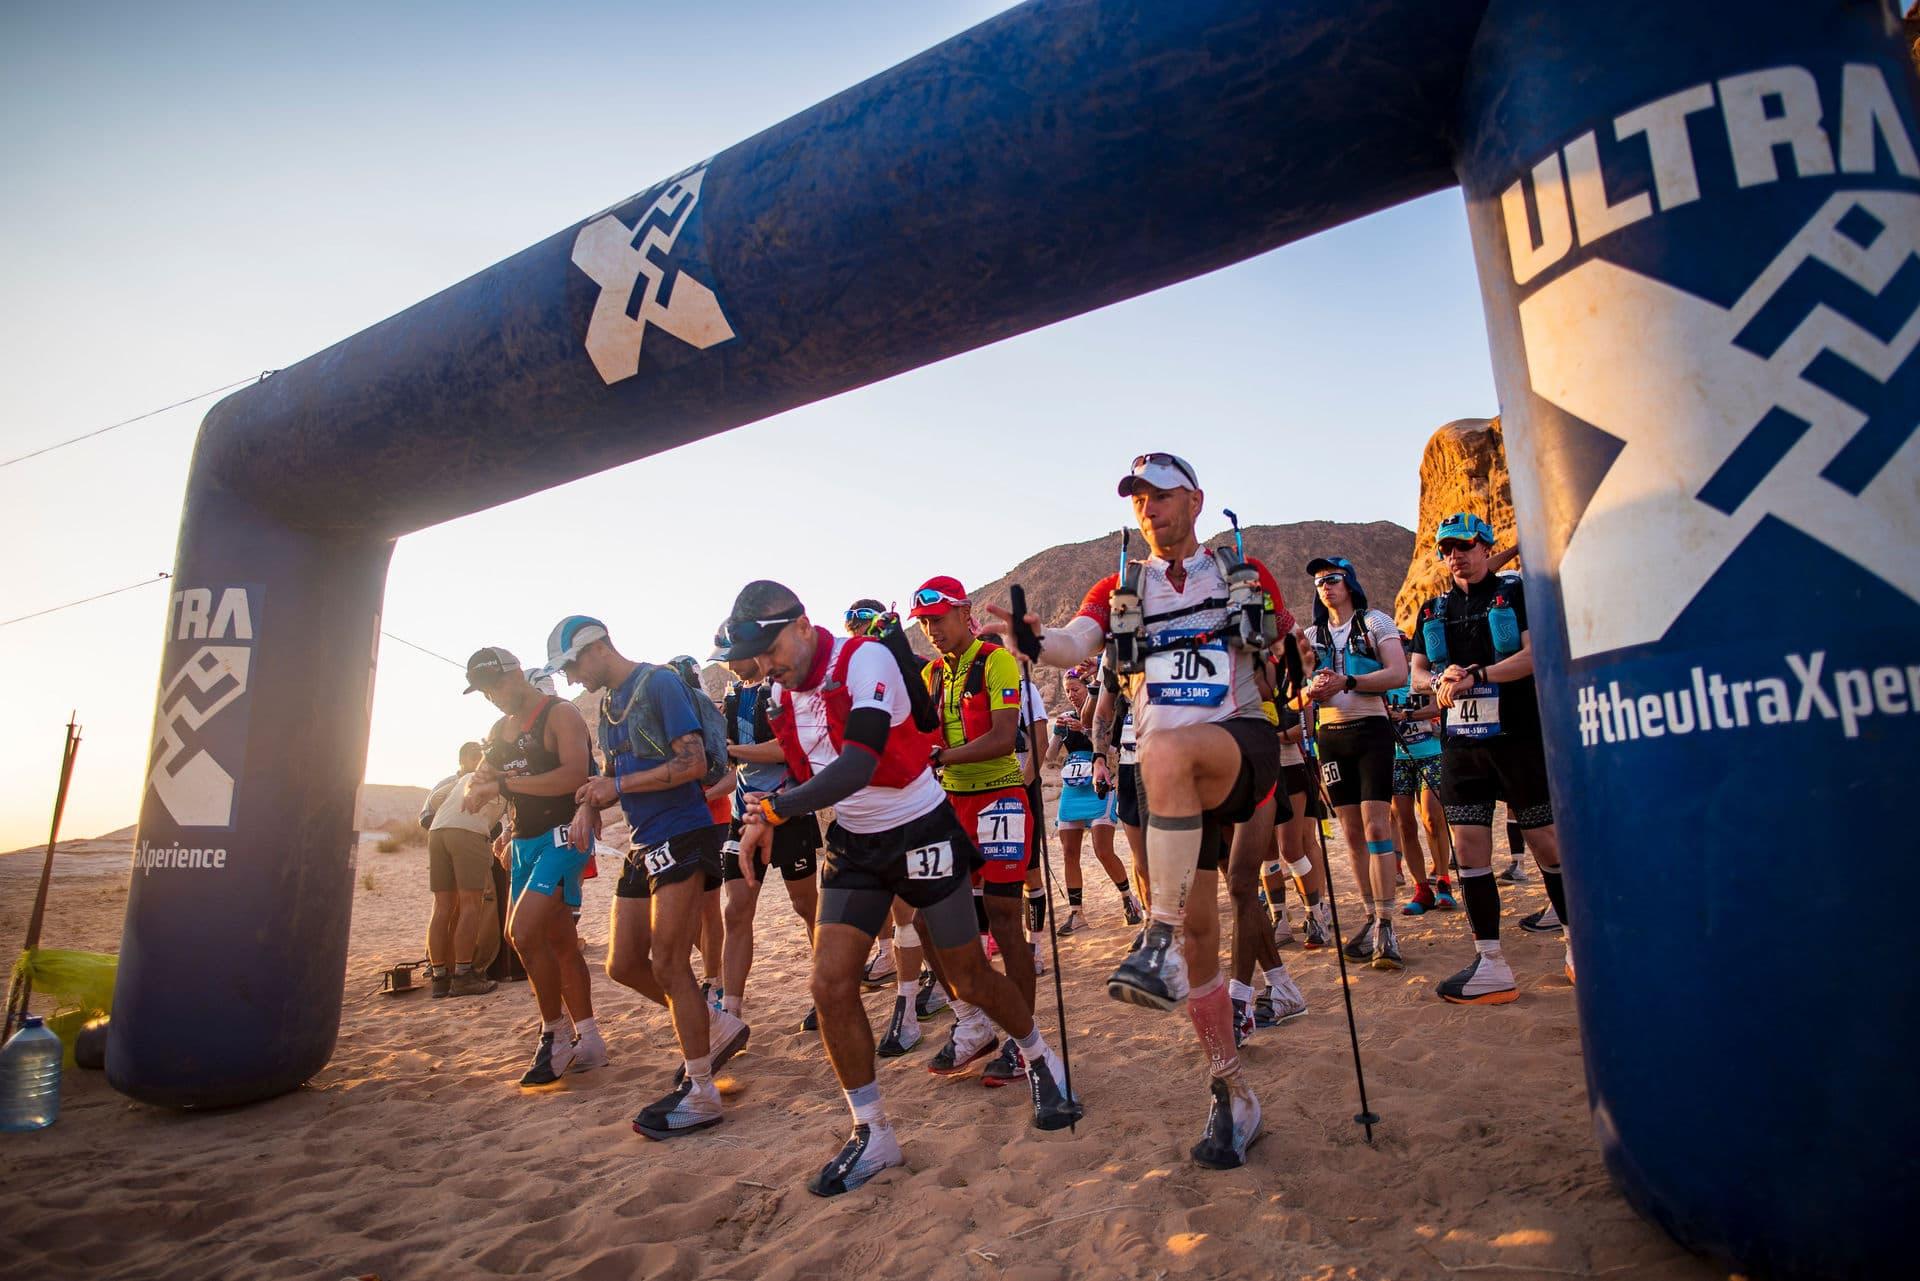 My First Ultramarathon: Anna Sparrow Ultra X